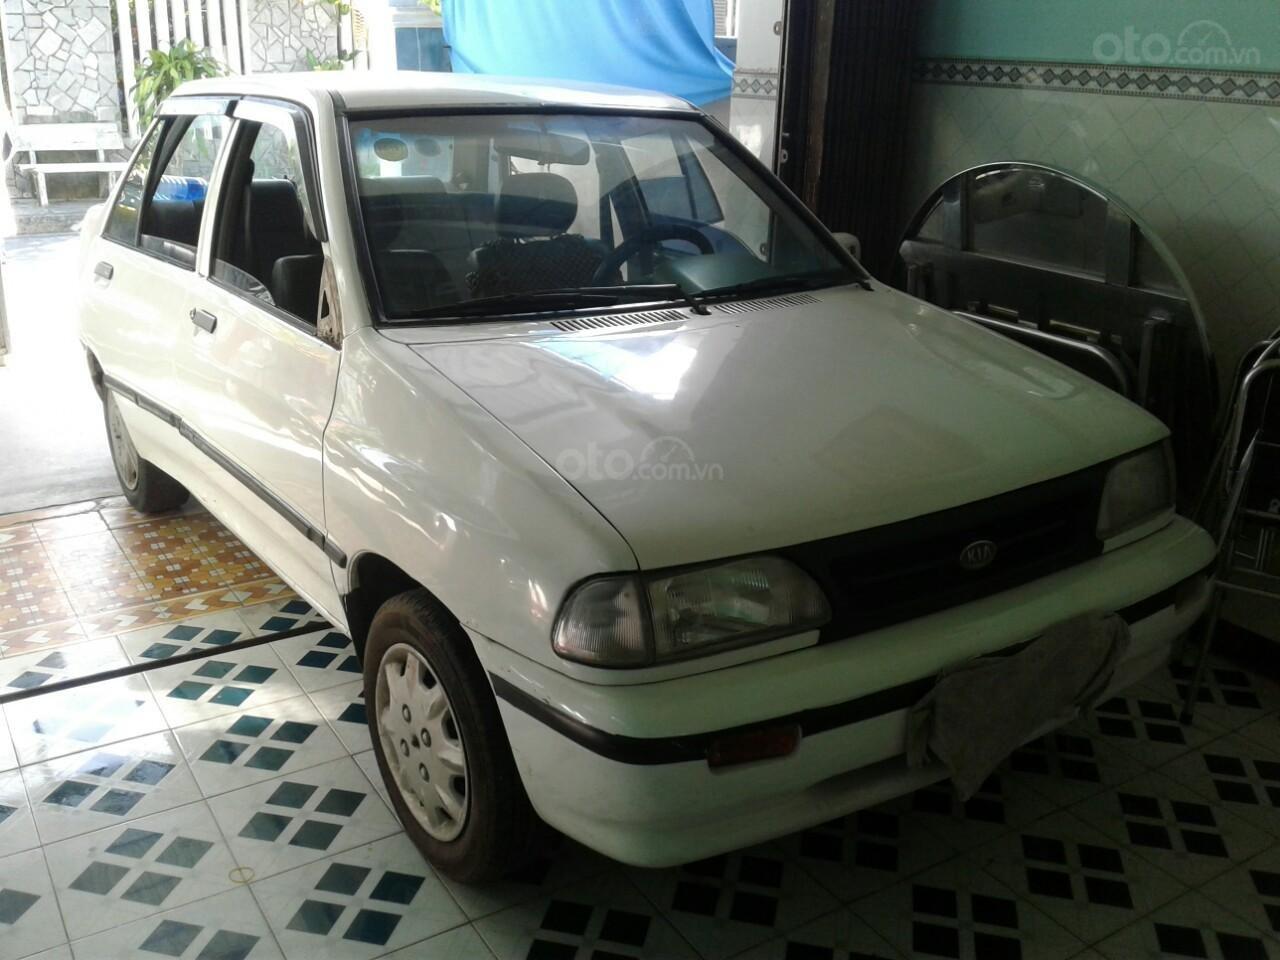 Bán xe Kia Pride B đời 2001, màu trắng, nhập khẩu nguyên chiếc giá cạnh tranh (4)